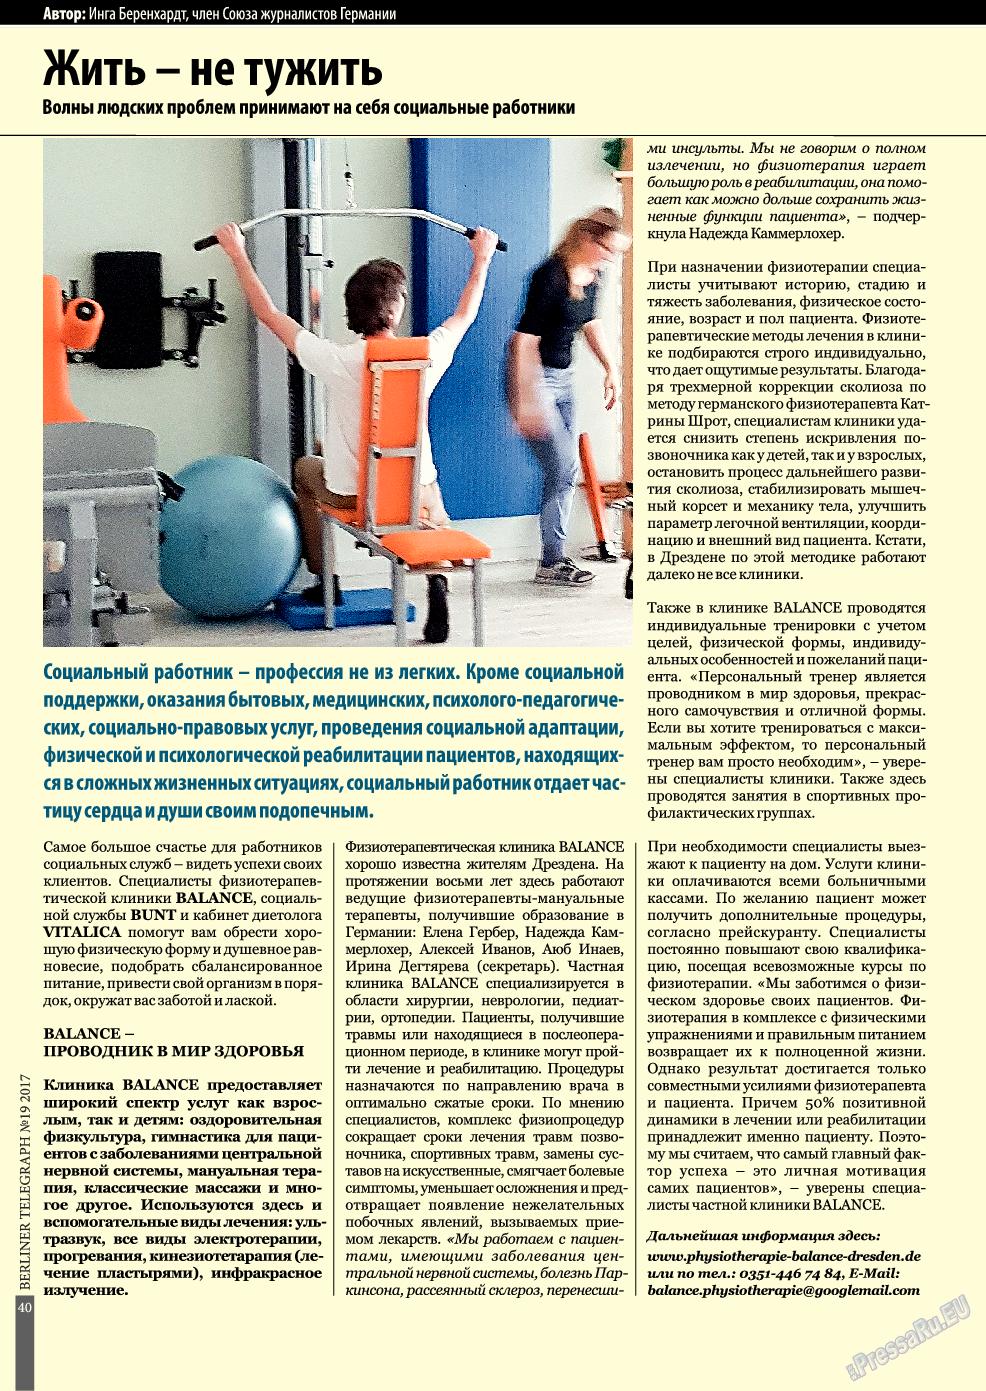 Берлинский телеграф (журнал). 2017 год, номер 19, стр. 40